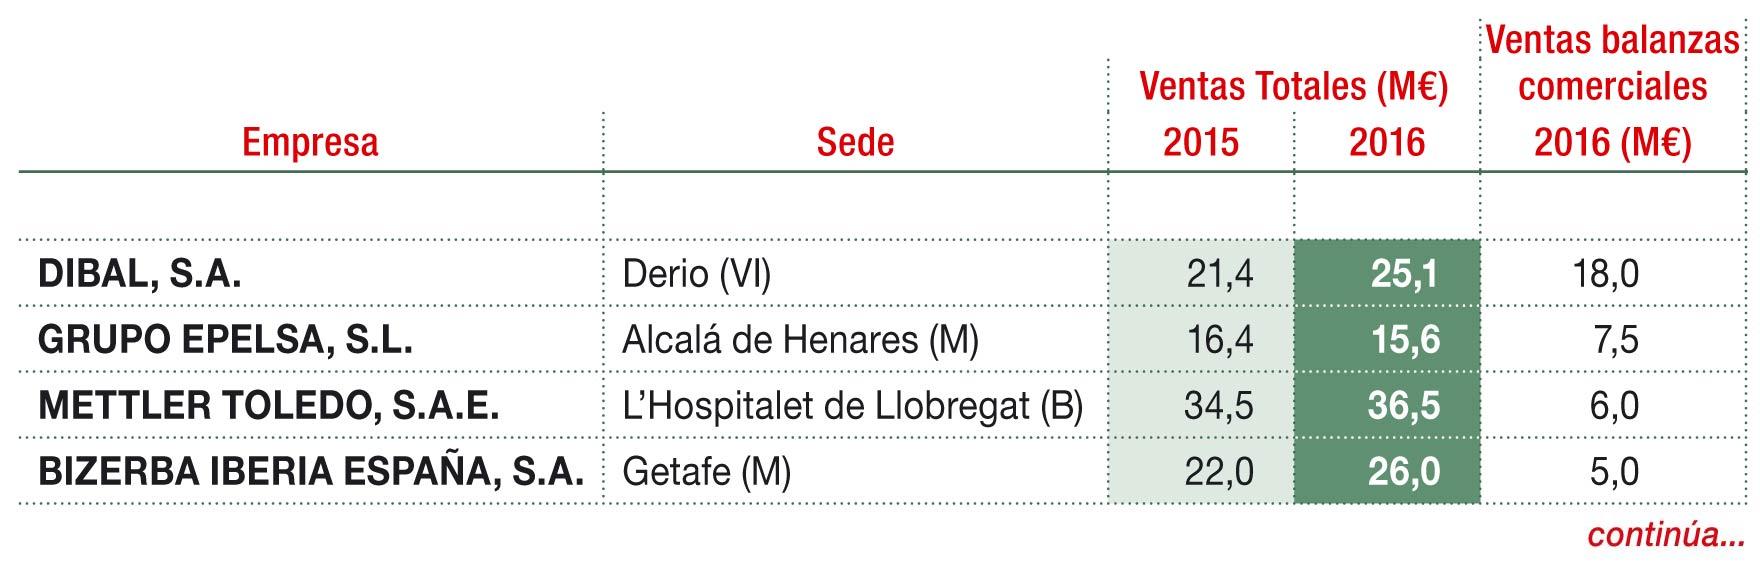 Principales empresas de balanzas comerciales